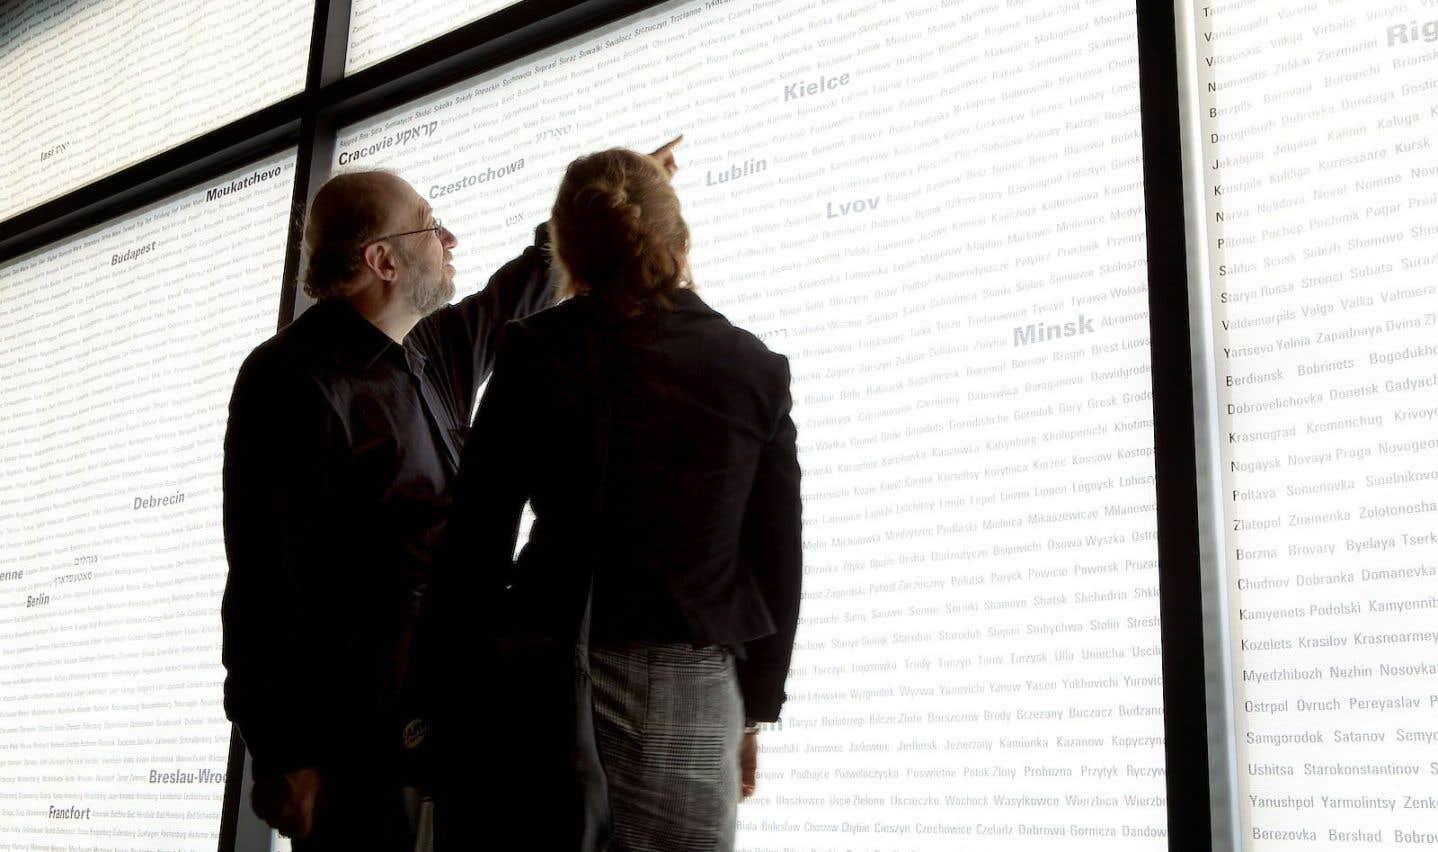 Des visiteurs dans la salle de commémoration où sont écrits les noms des milliers de villes, villages et shtetls en Europe et en Afrique du Nord qui ont été tyrannisés par les nazis et leurs collaborateurs.